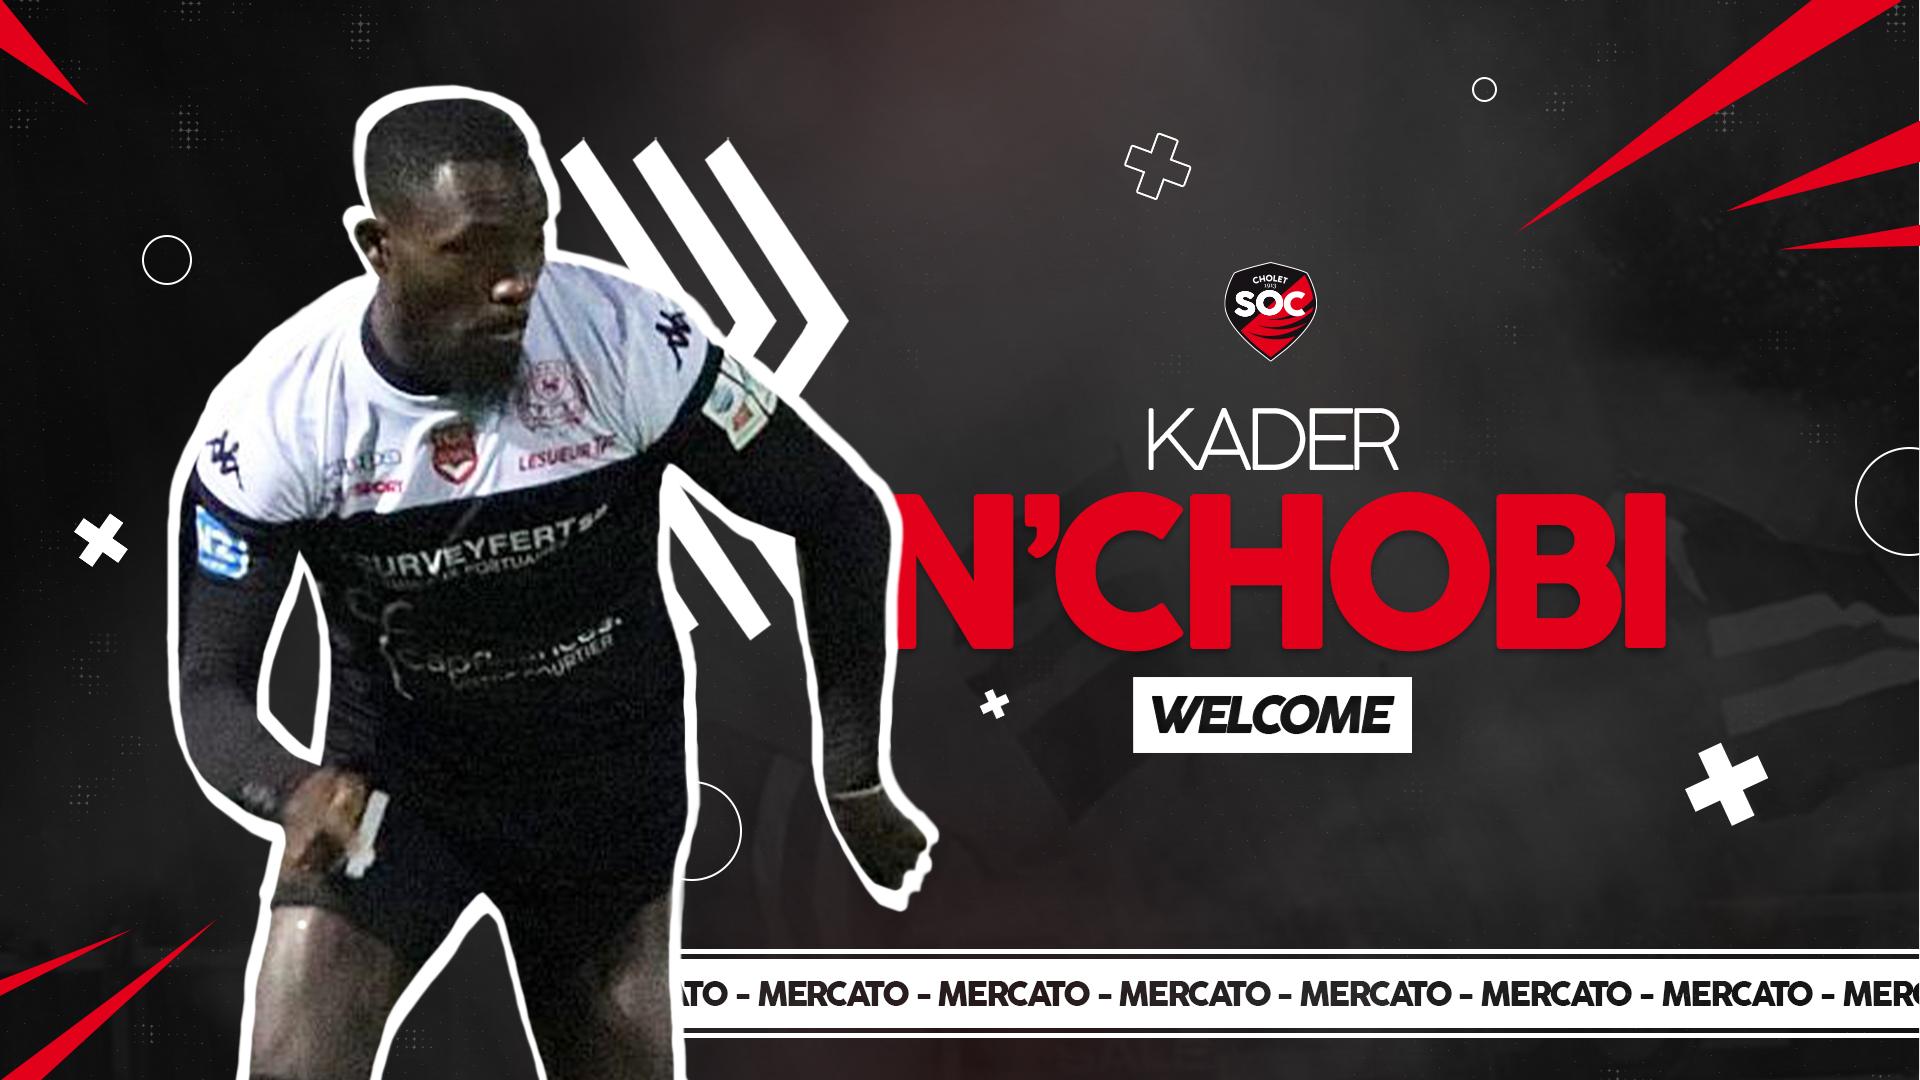 Kader Nchobi Recrutement